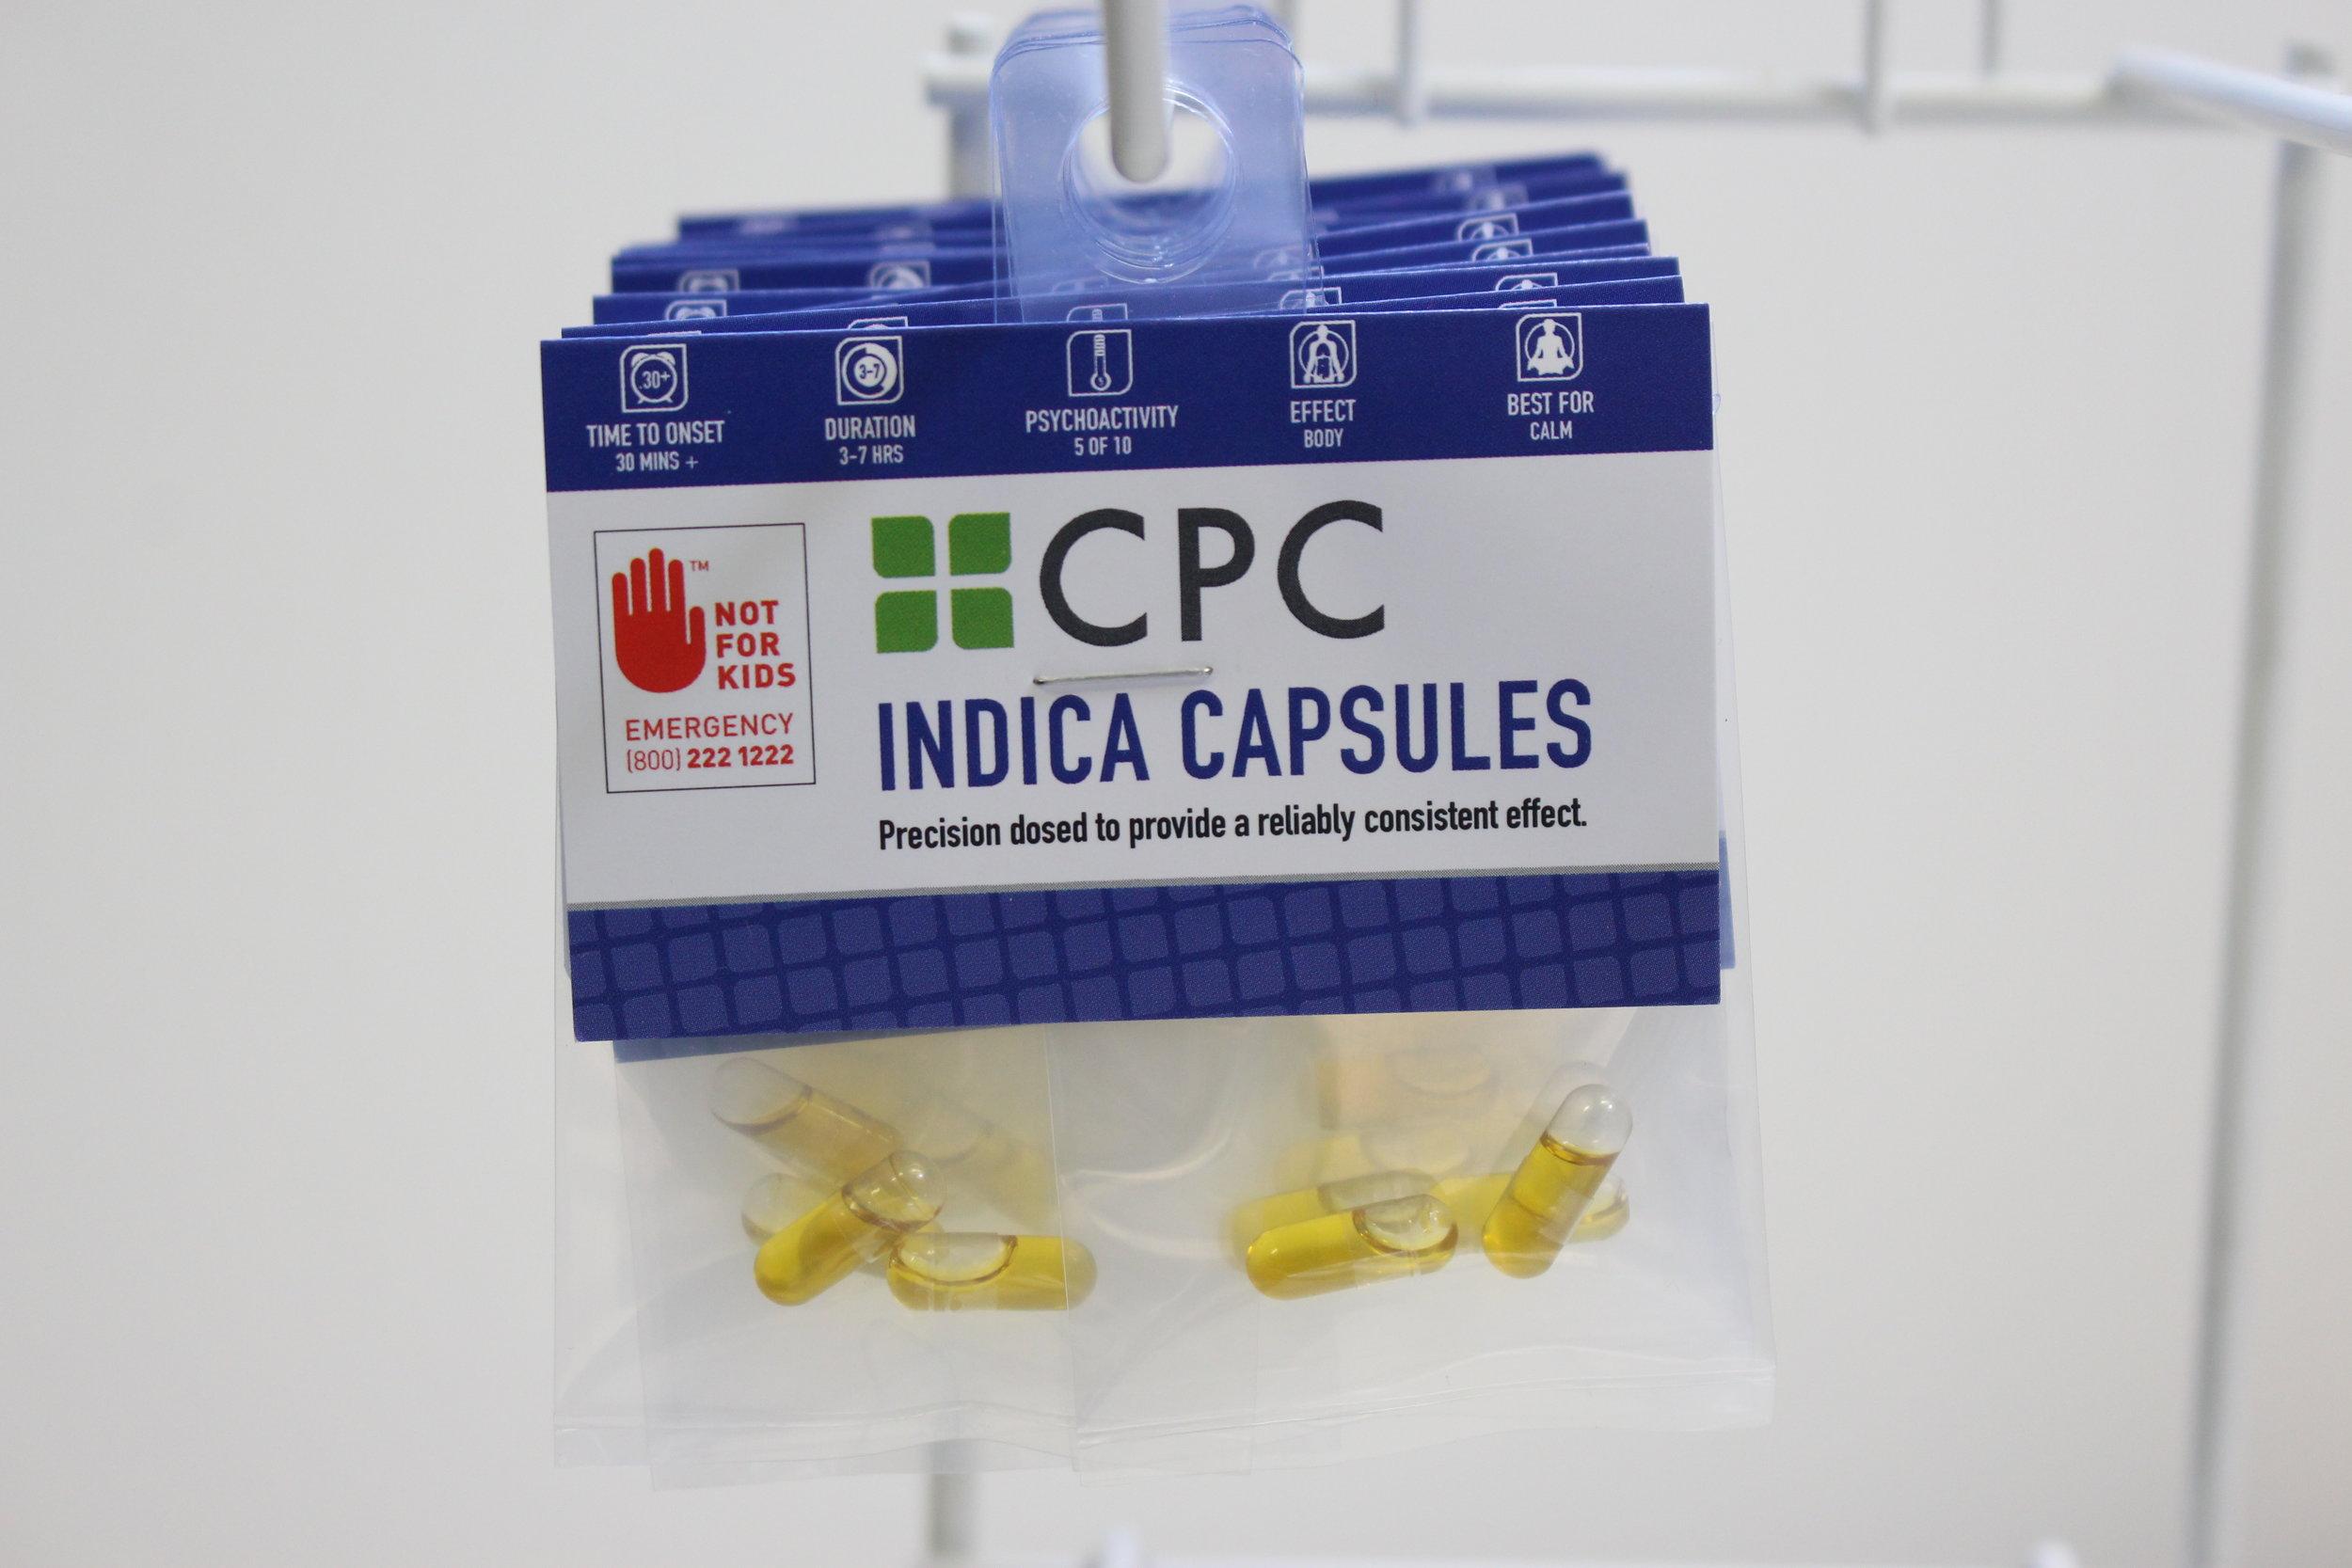 Four 5mg THC Indica Capsules